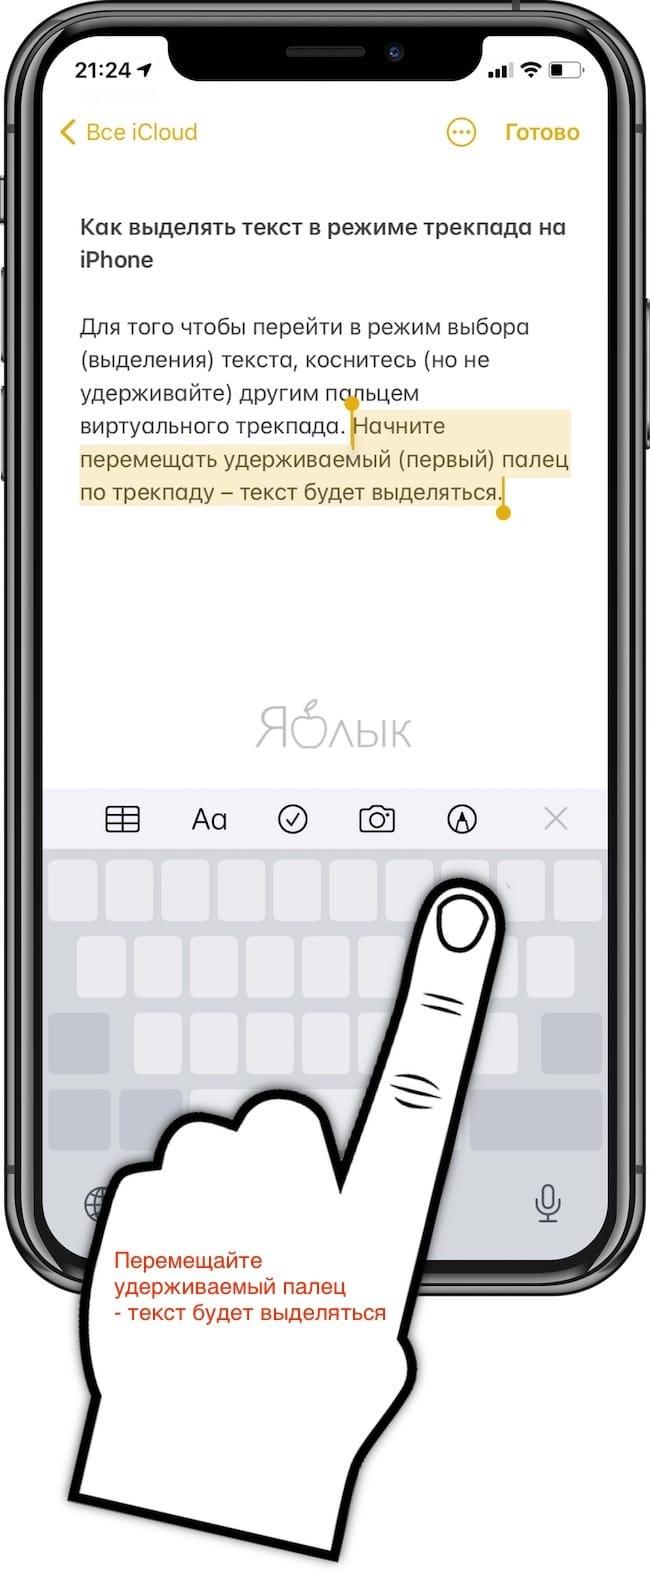 Начните перемещать удерживаемый (первый) палец по трекпаду – текст будет выделяться.